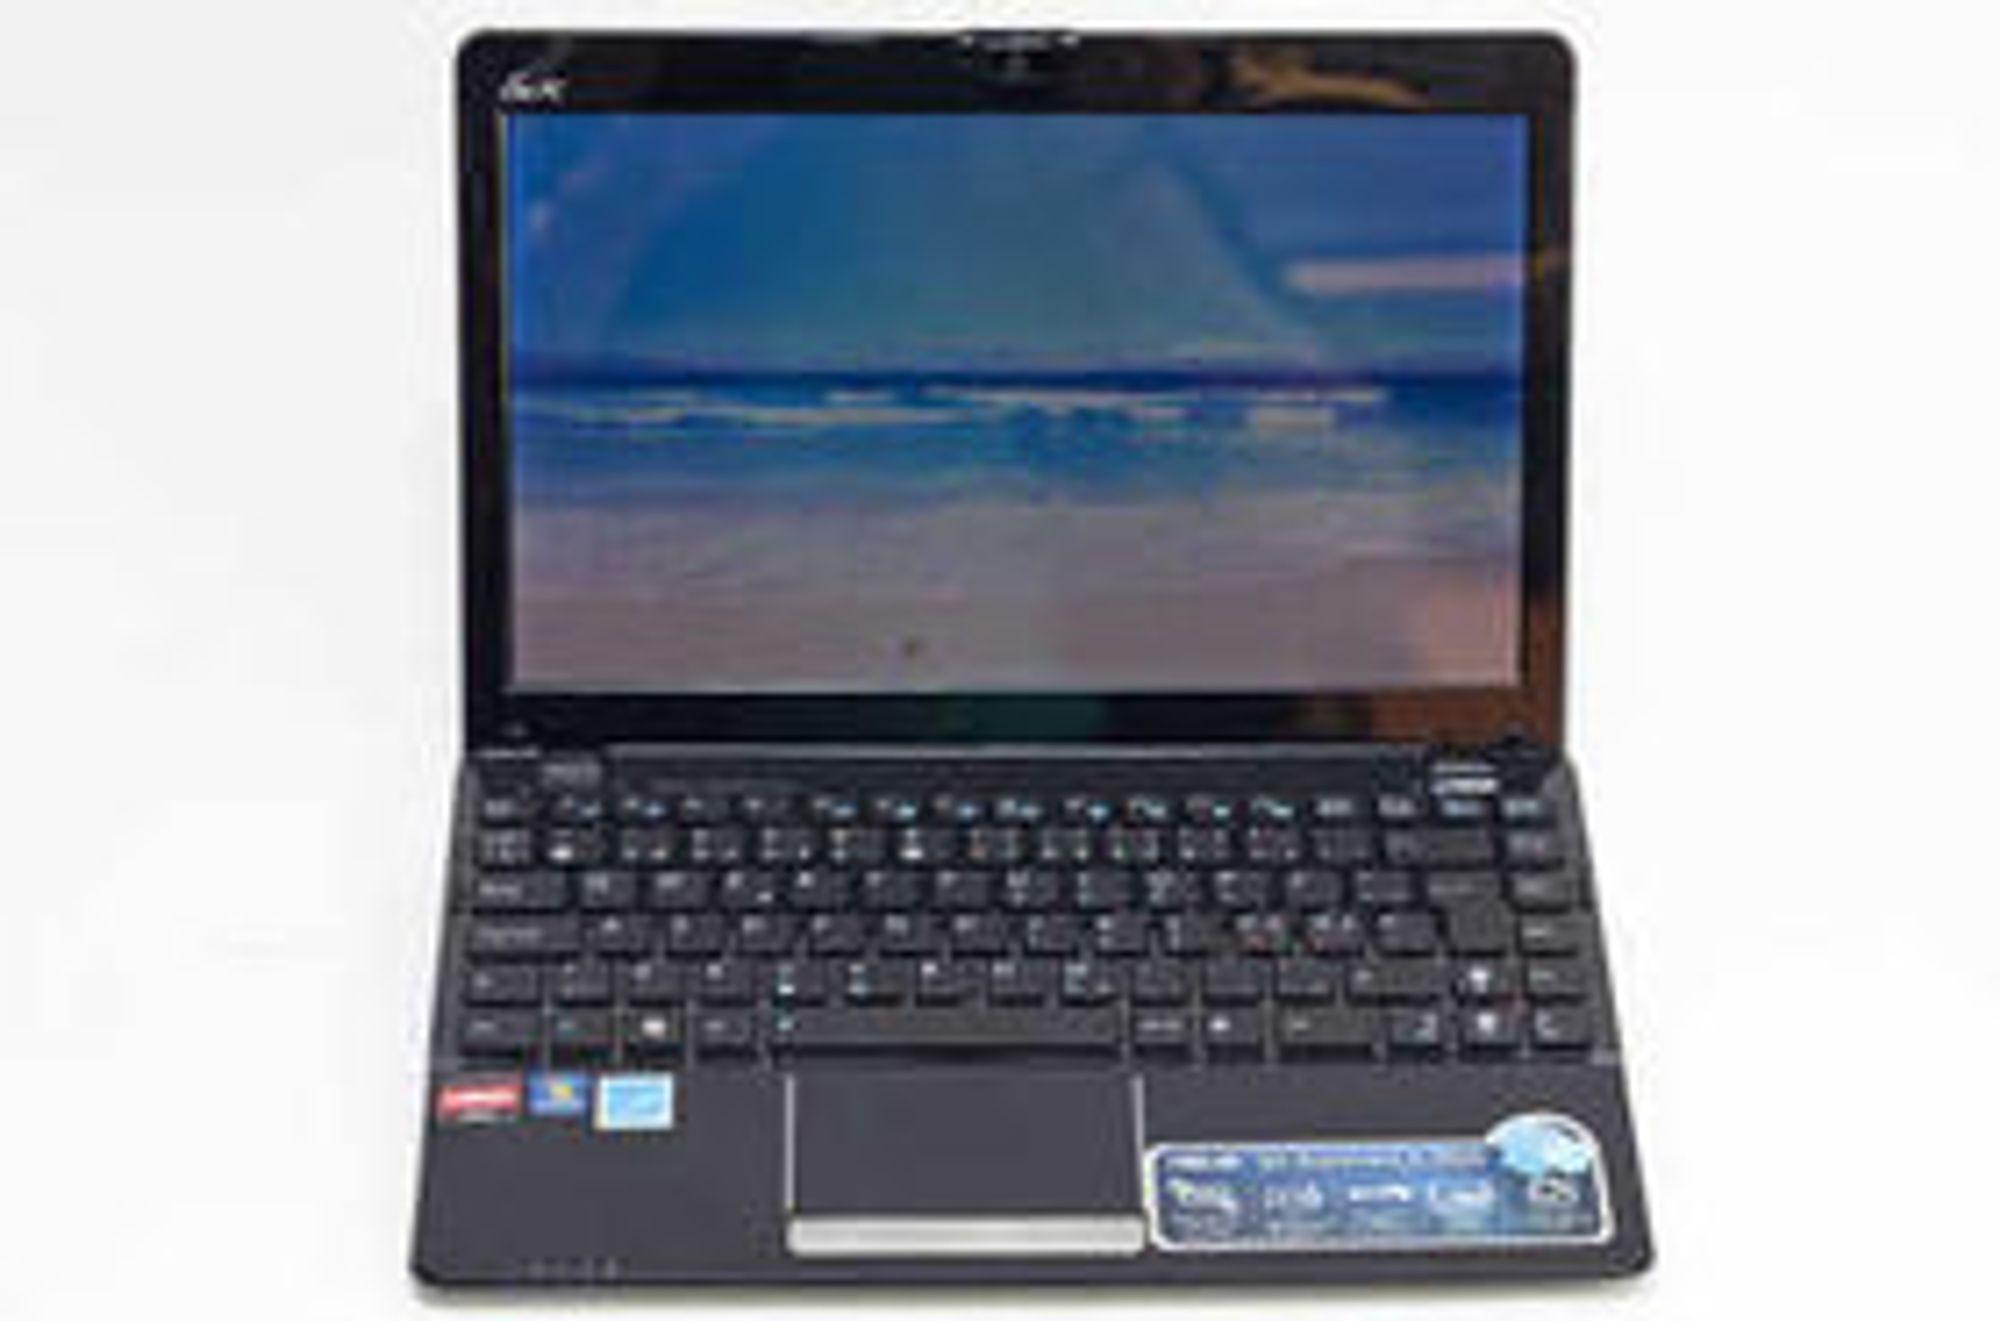 Asus startet Netbooks-trenden med sin EEE-serie i 2007. Nå er det imidlertid over, melder britisk avis. På bildet er en Asus Eee PC 1215B fra 2011. Den hadde 4GB RAM og 500 GB harddisk og kostet 3.500 kroner, inkludert moms.